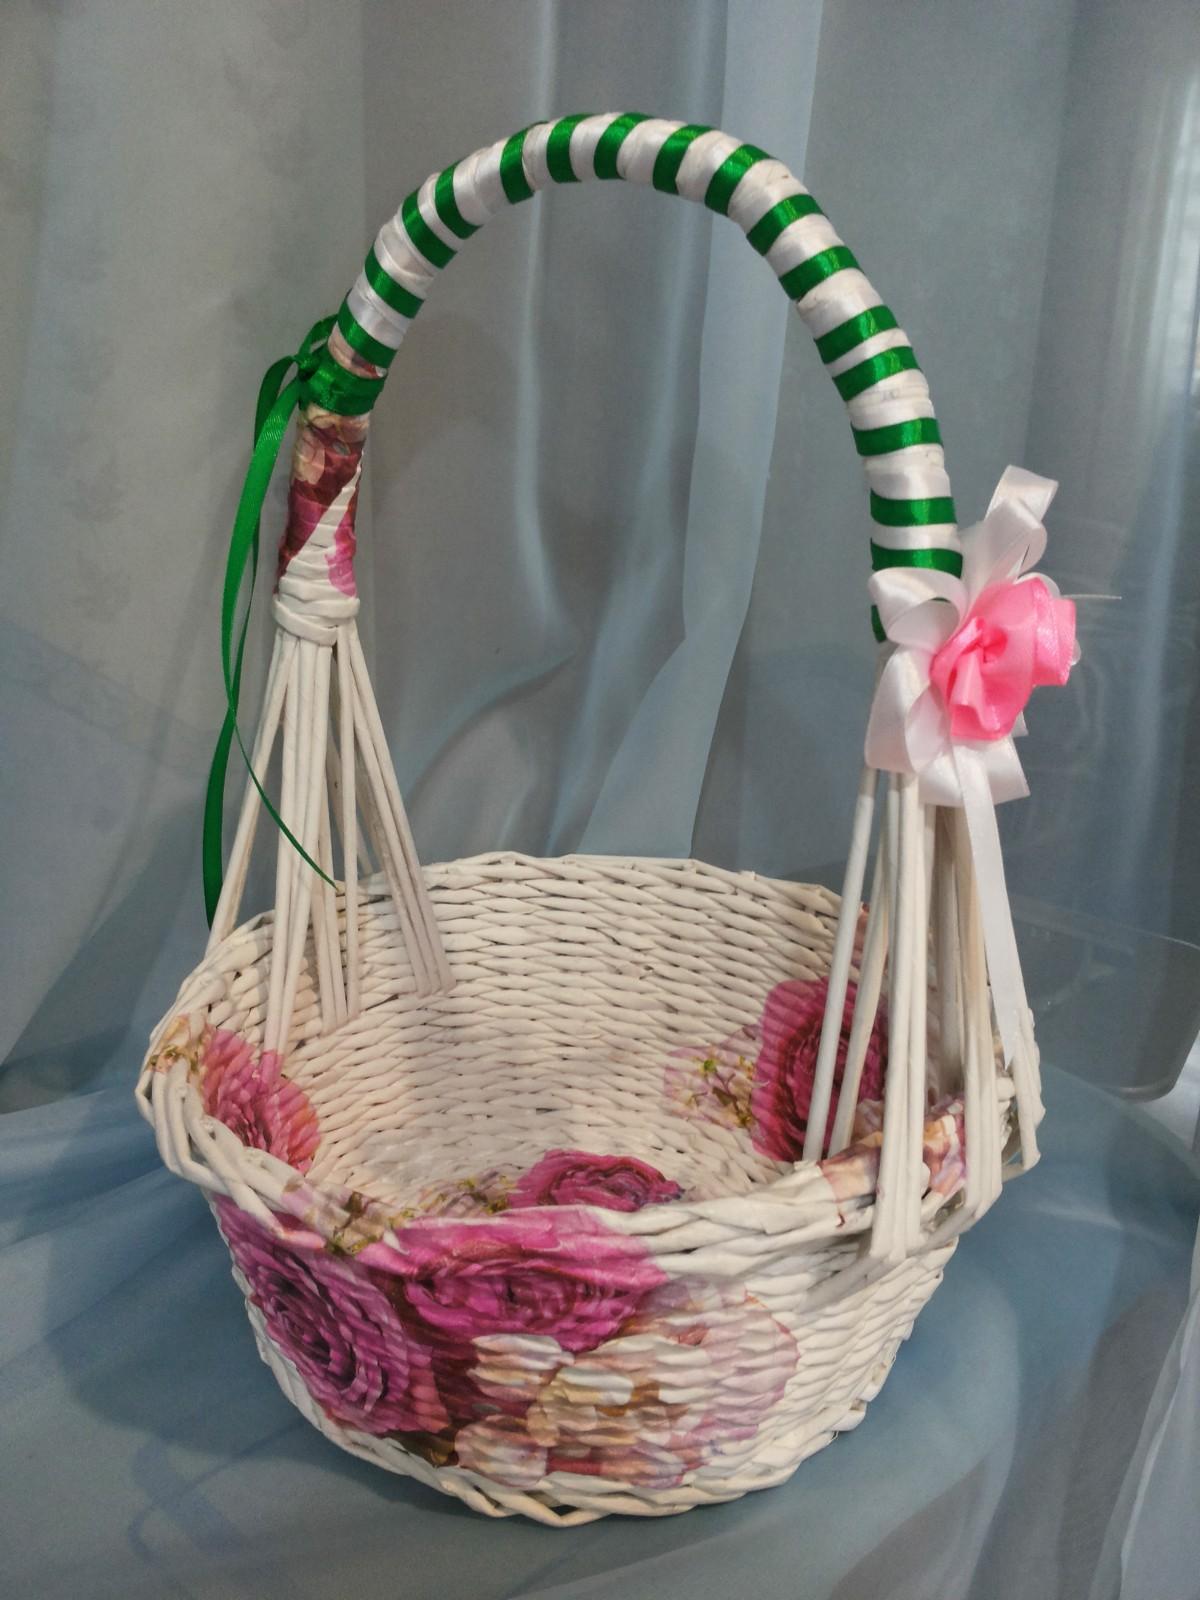 Плетение корзин из газетных трубочек - 130 фото лучших идей (инструкция + видео-уроки)